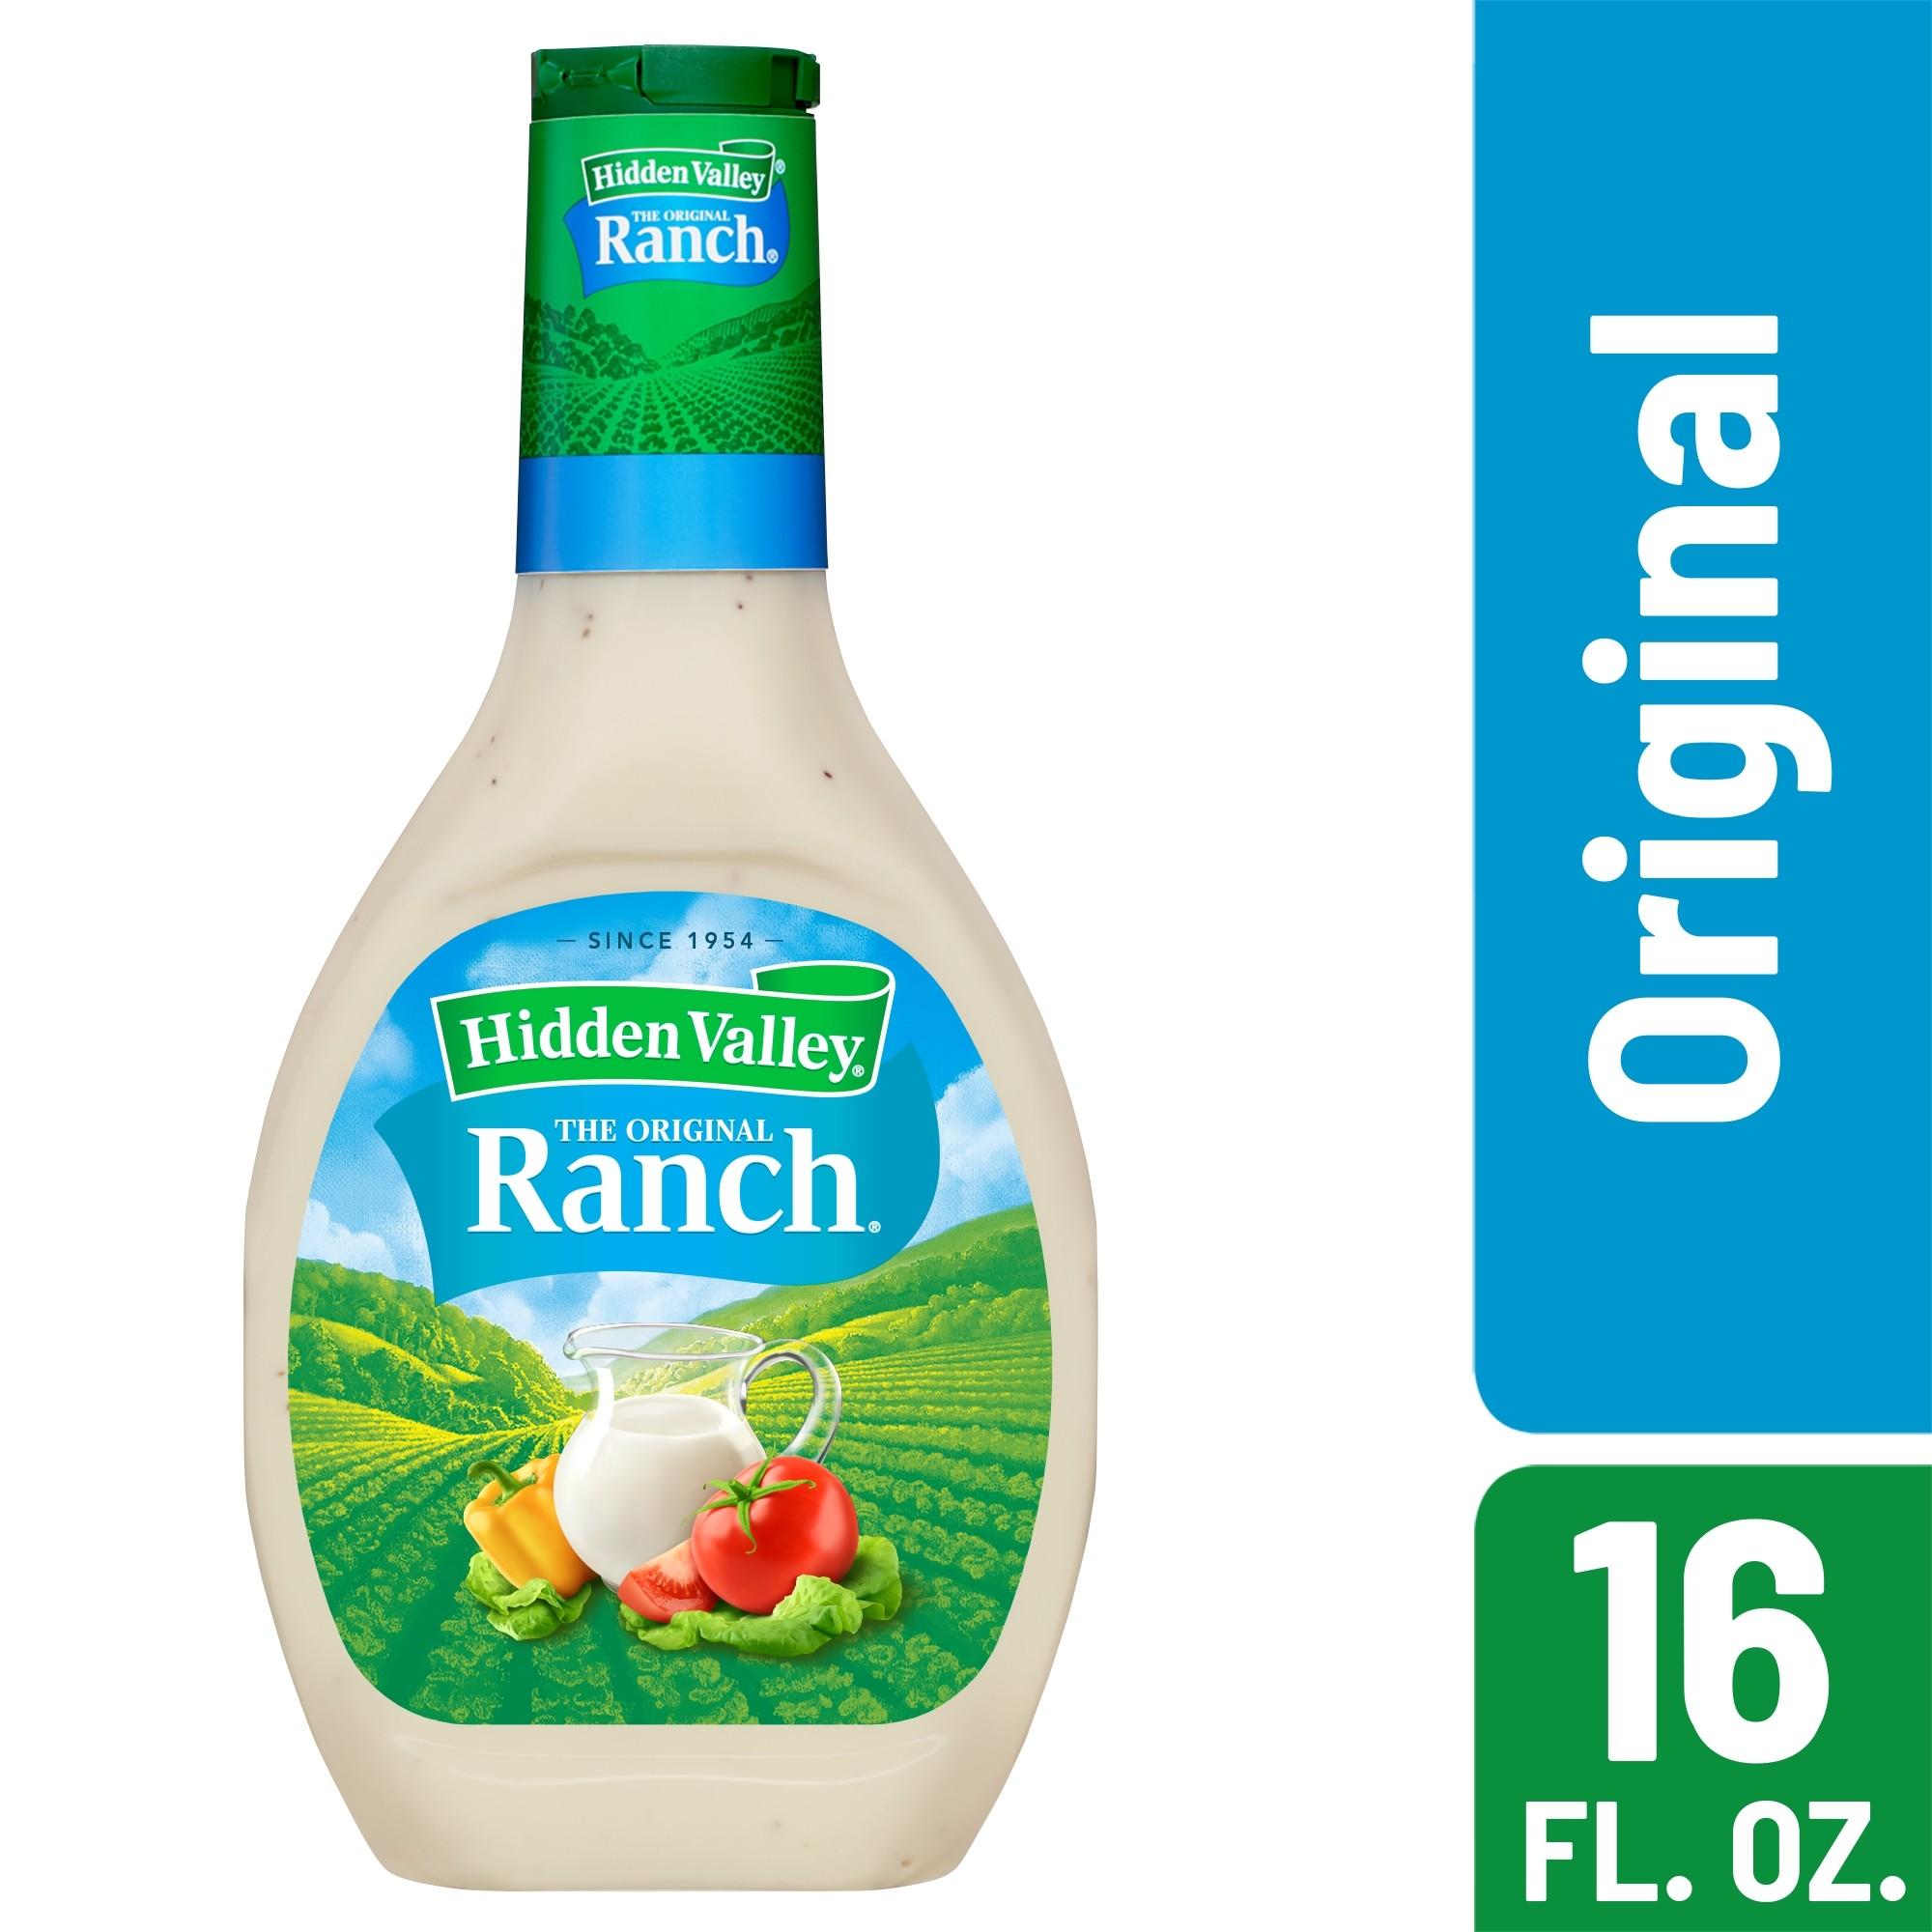 Hidden Valley Original Ranch Salad Dressing & Topping, Gluten Free - 16 Ounce Bottle